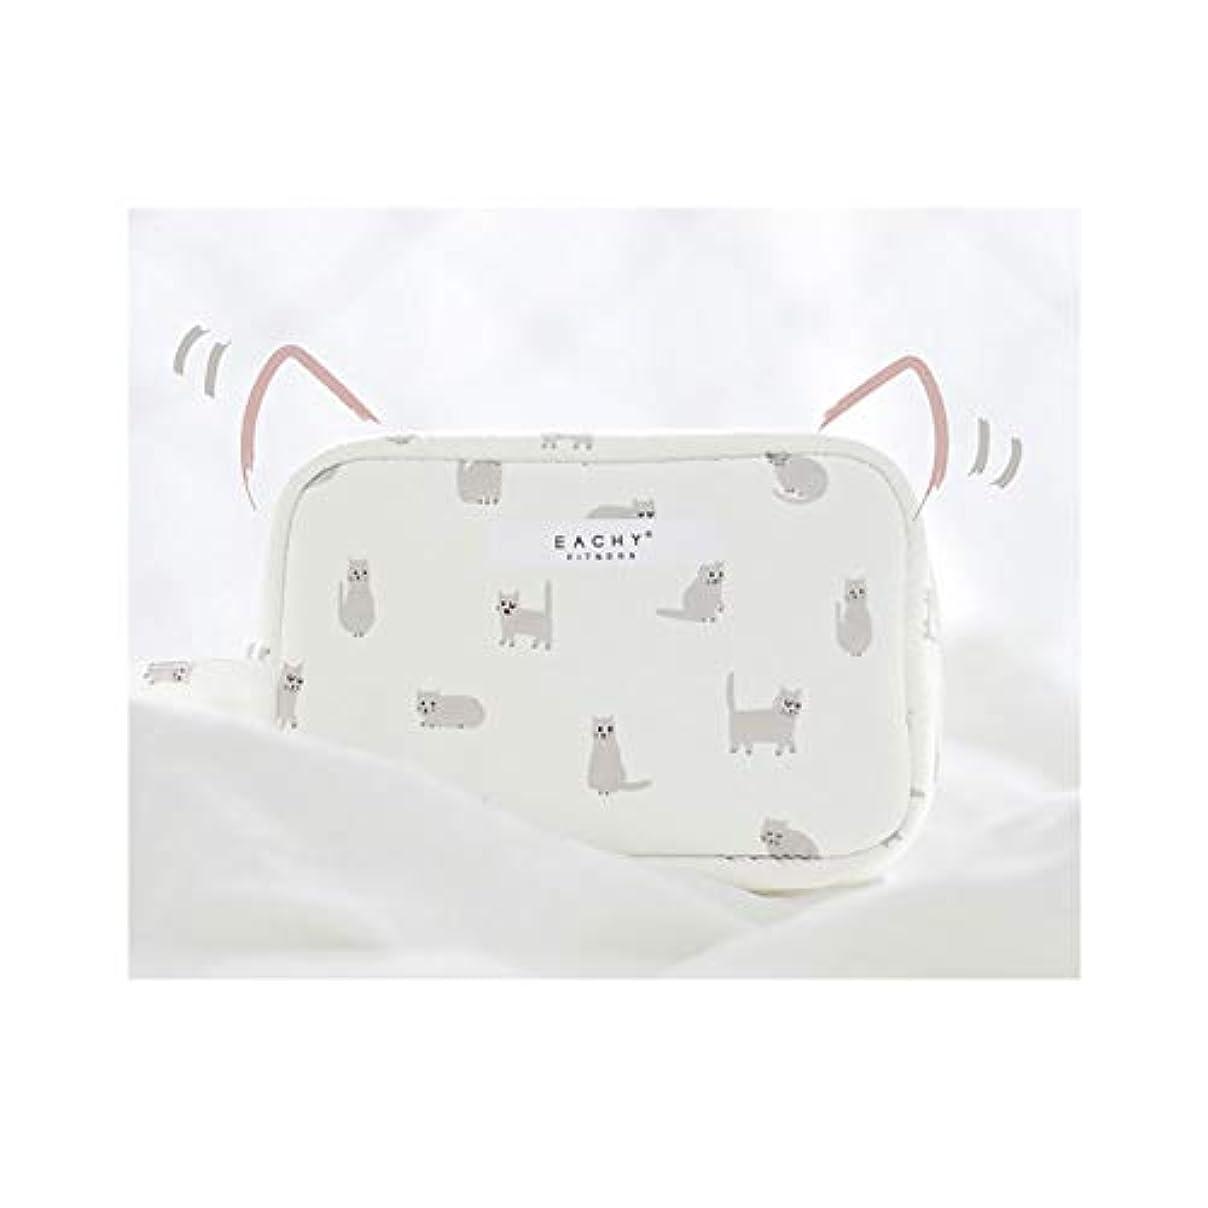 予約書き込み貧困NEOVIVA 化粧ポーチ コスメポーチ メイク収納バッグ かわいい 軽量 防水 旅行小物ポーチ 猫 ホワイト S